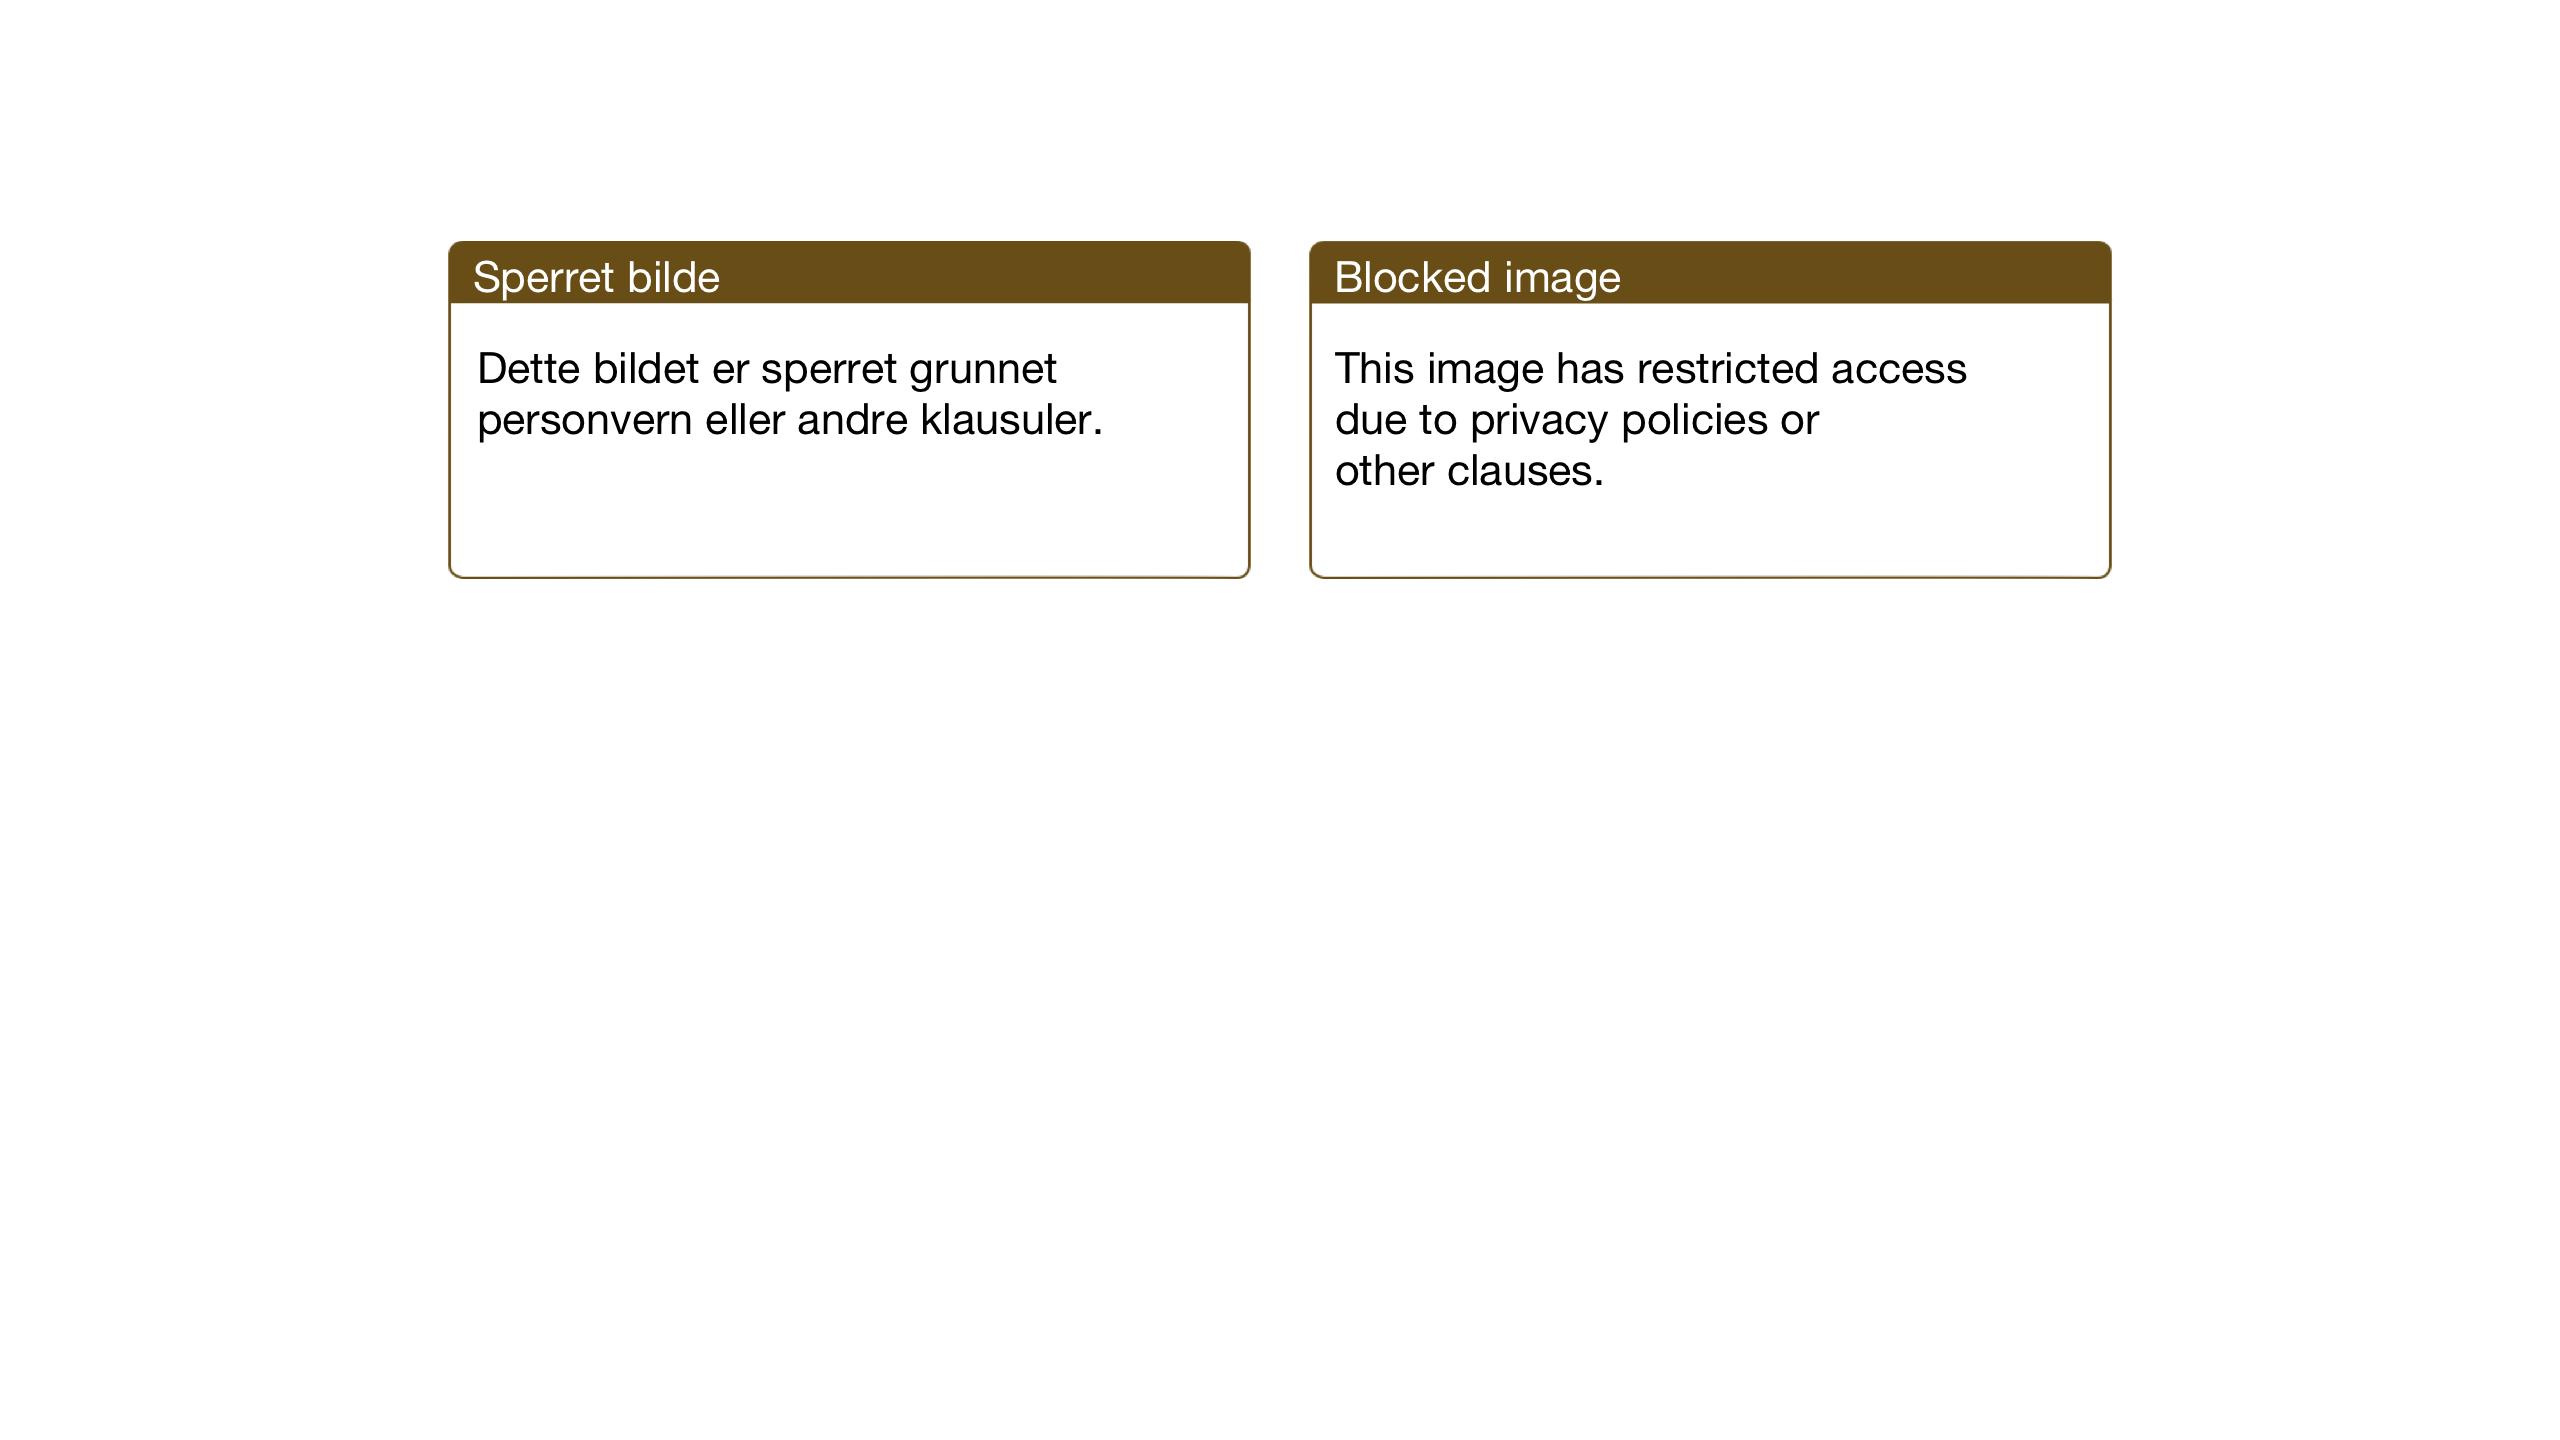 SAT, Ministerialprotokoller, klokkerbøker og fødselsregistre - Nord-Trøndelag, 786/L0689: Klokkerbok nr. 786C01, 1940-1948, s. 472-473